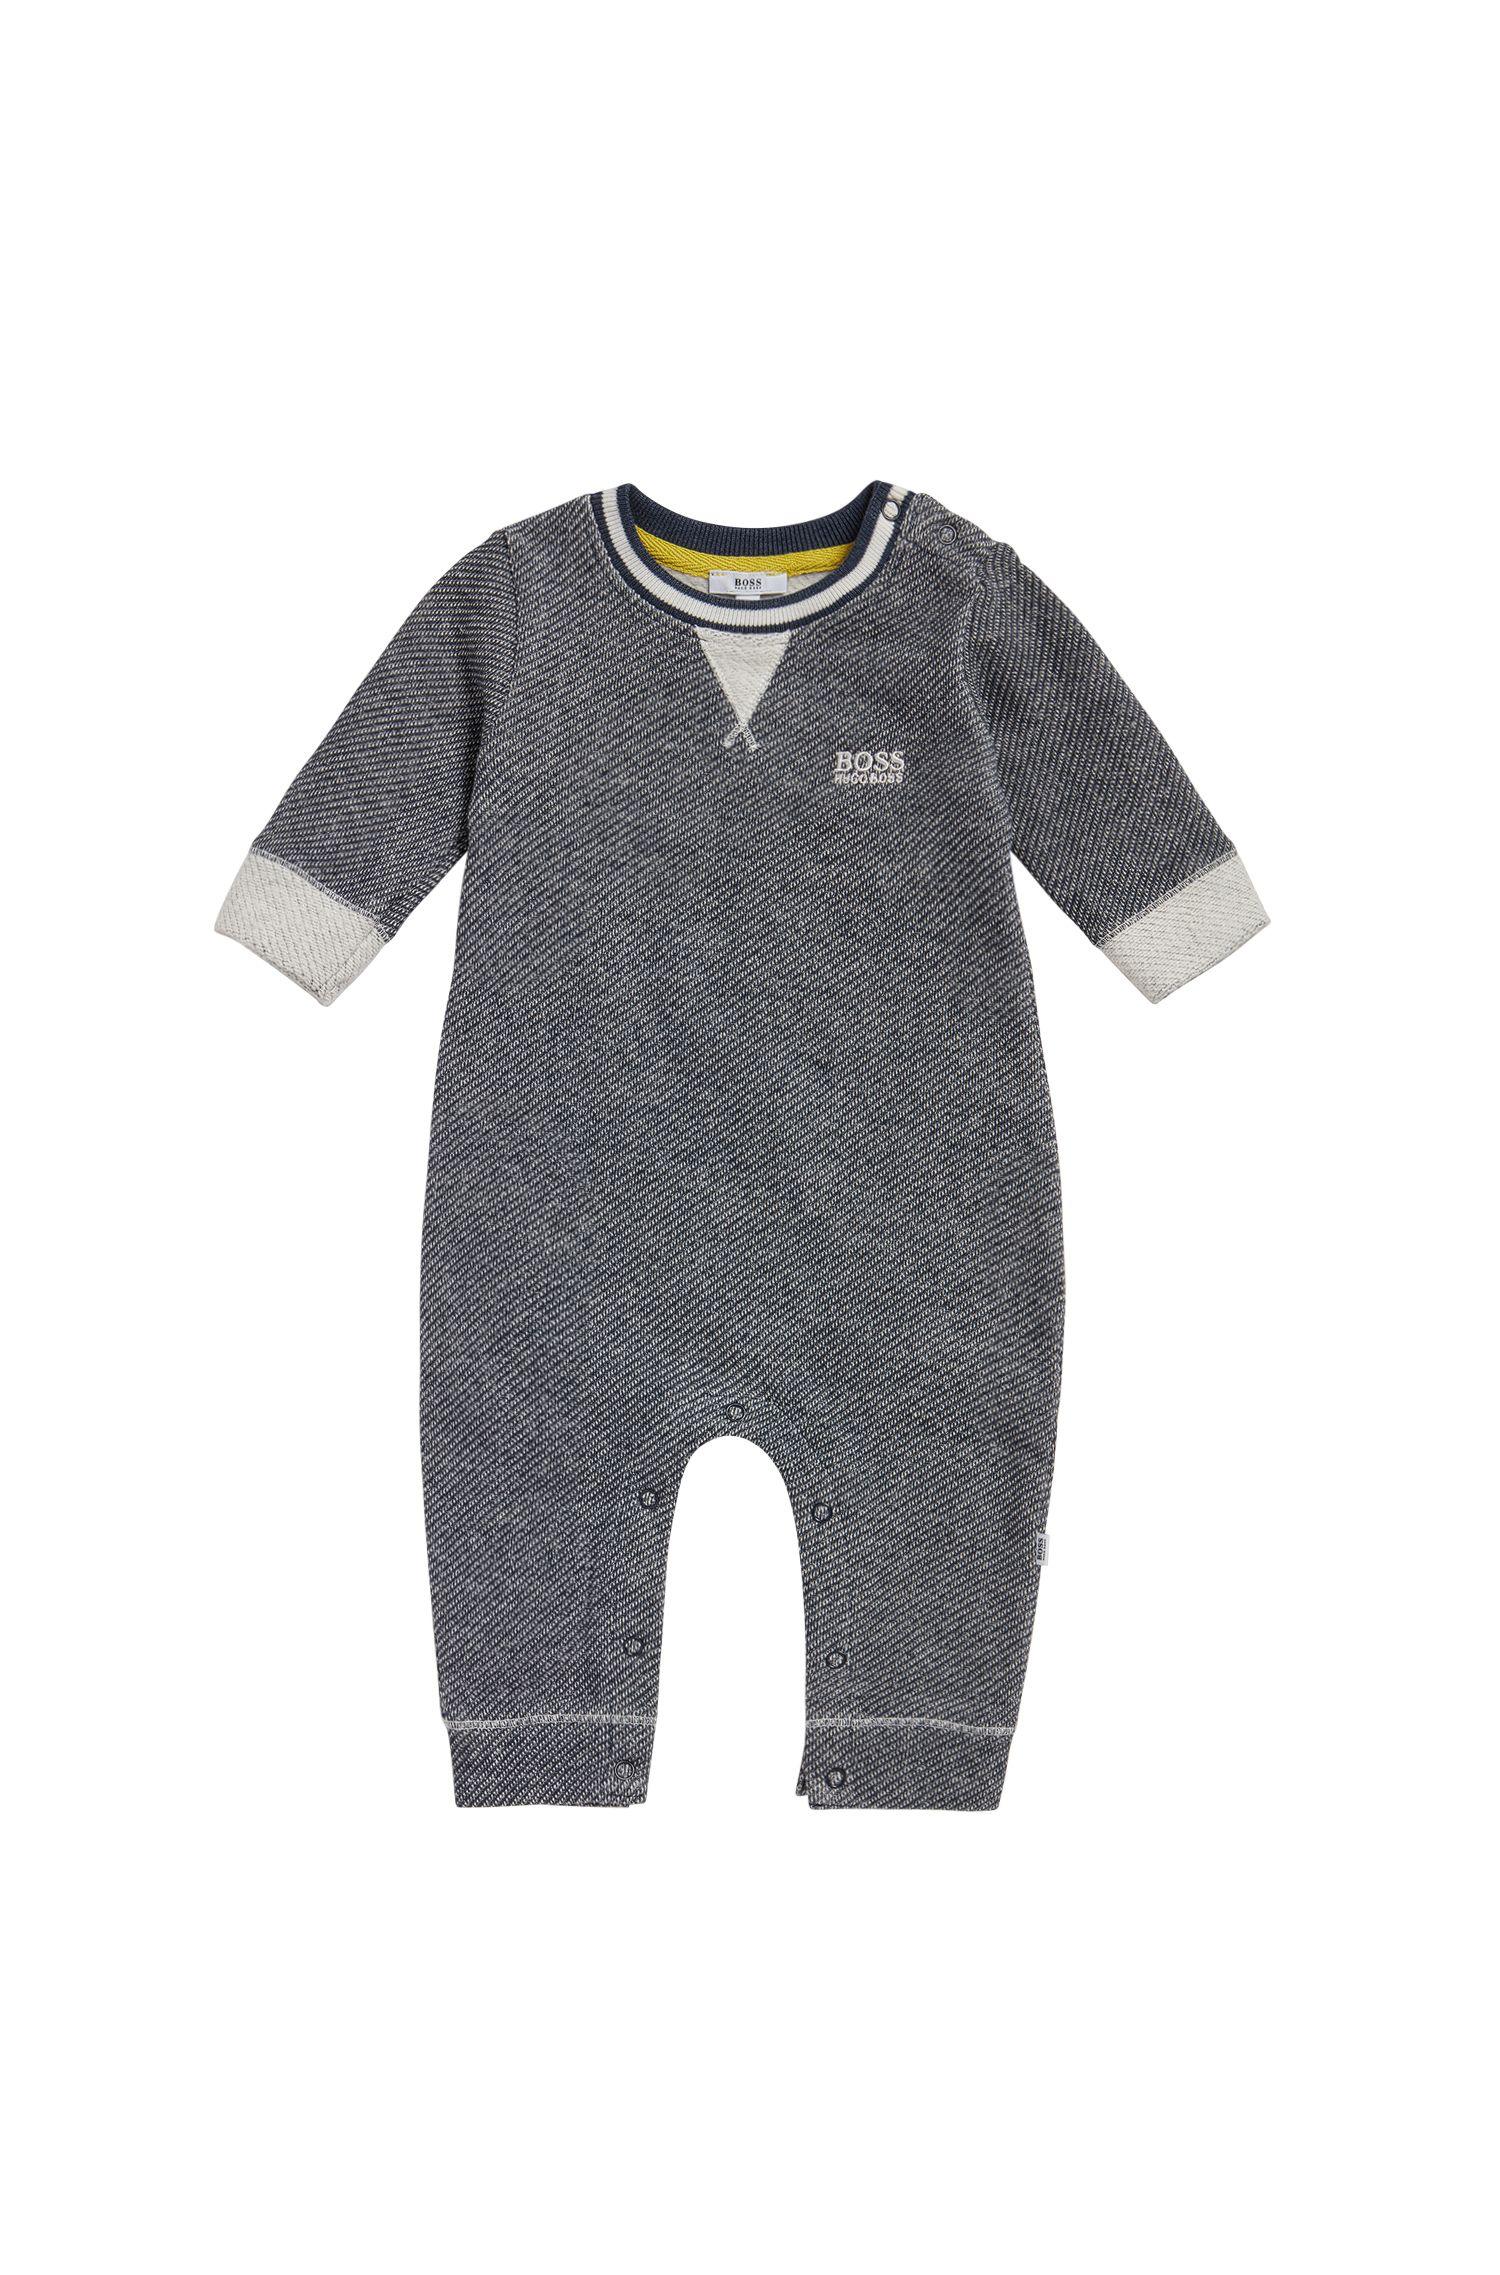 'J94170' | Newborn Stretch Cotton Onesie